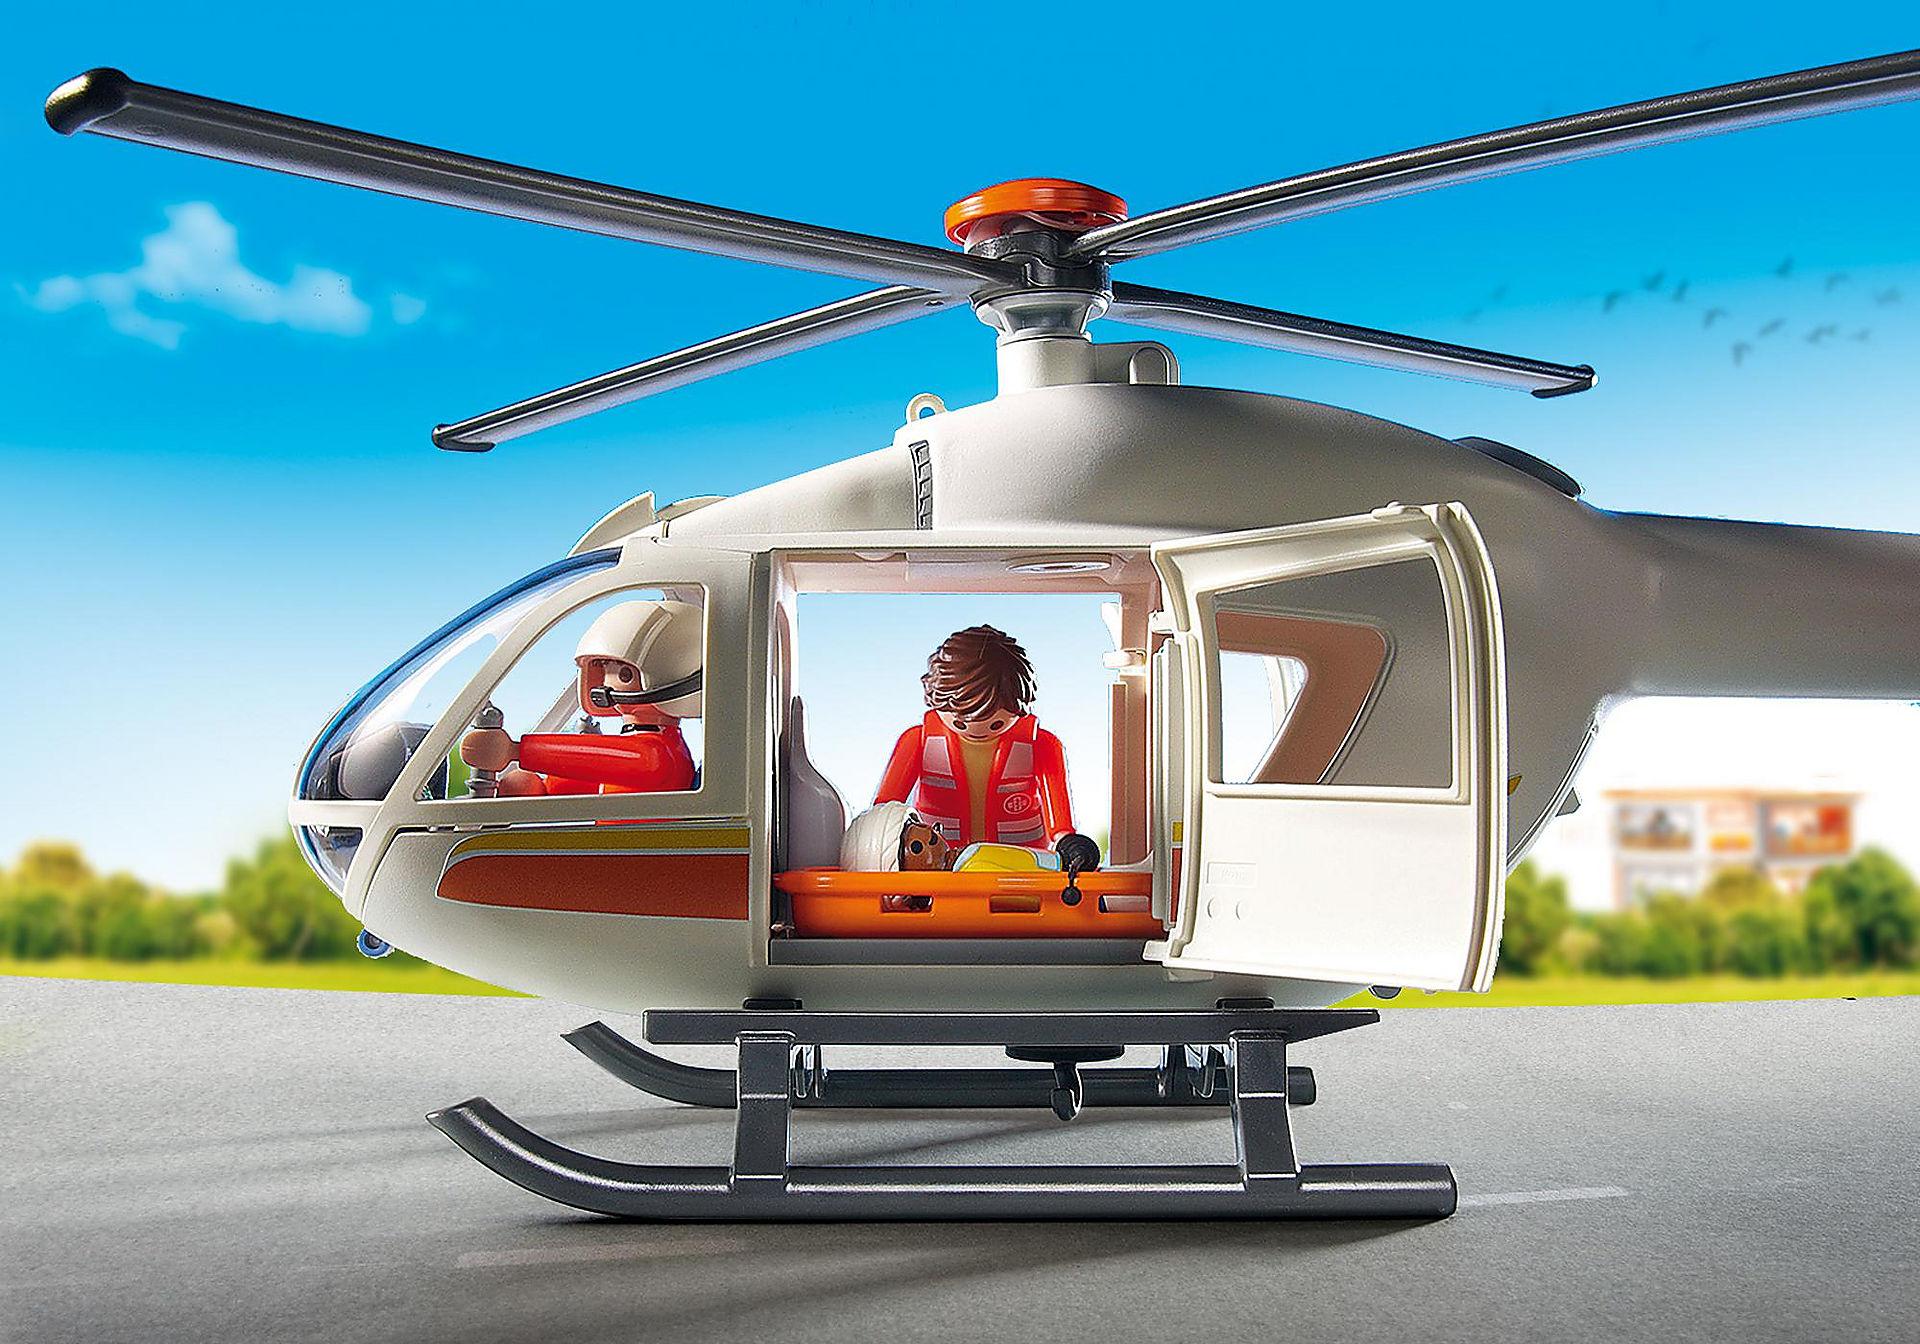 6686 Helicóptero Médico de Emergencia zoom image7